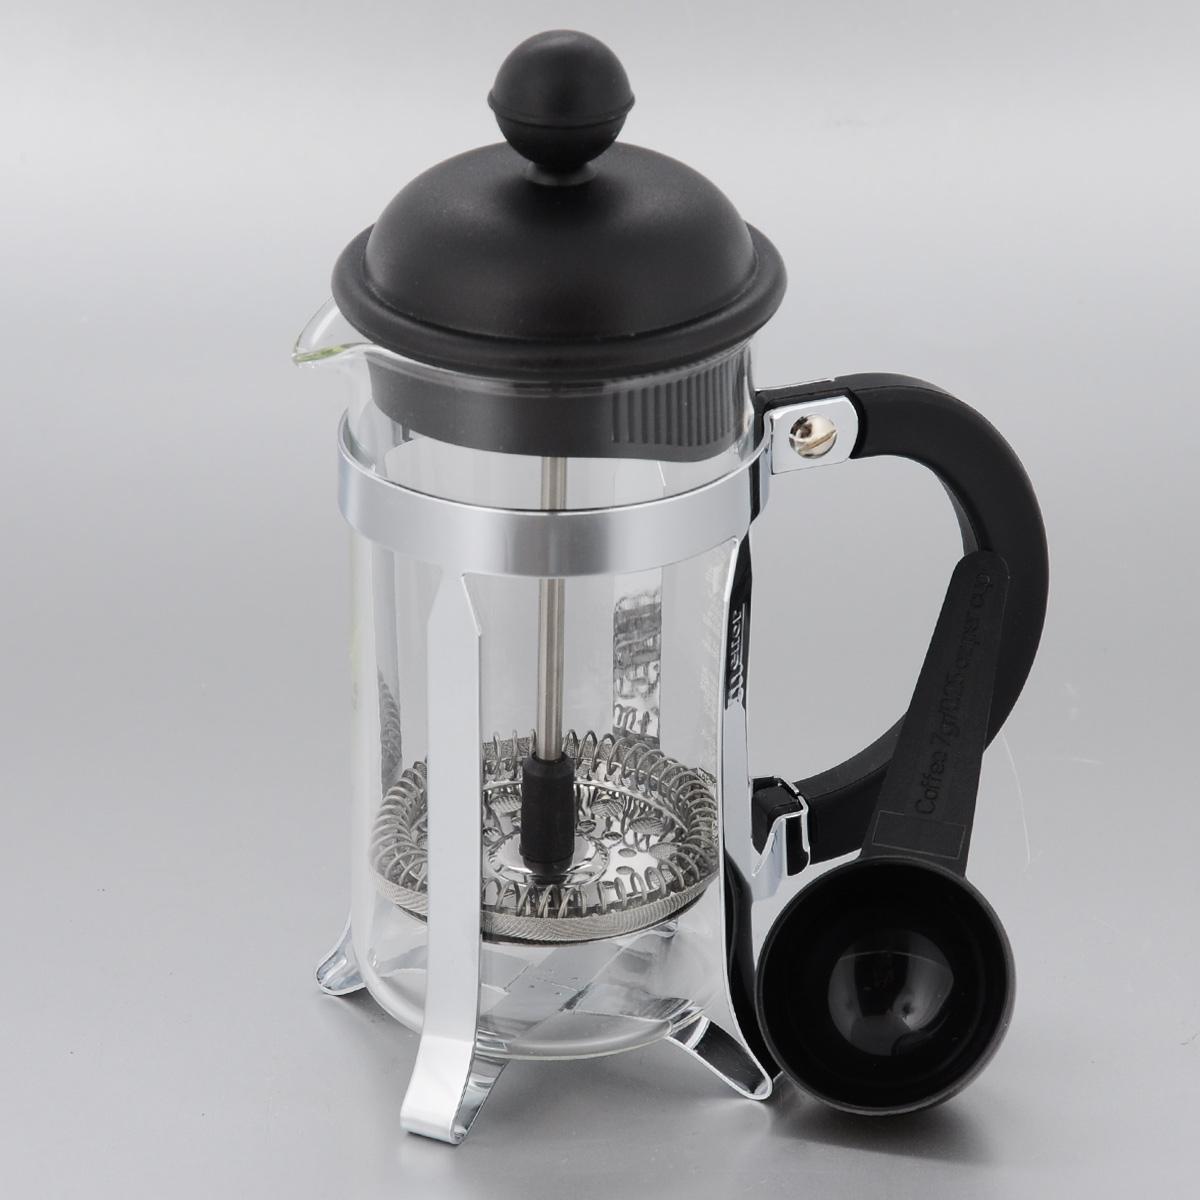 Френч-пресс Melior, с мерной ложкой, 350 млM1913-01Френч-пресс Melior позволит быстро и просто приготовить свежий и ароматный кофе или чай. Цветовая гамма подойдет даже для самого яркого интерьера. Френч-пресс изготовлен из высокотехнологичных материалов на современном оборудовании:- корпус изготовлен из высококачественного жаропрочного стекла, устойчивого к окрашиванию и царапинам;- фильтр-поршень из нержавеющей стали выполнен по технологии Press-Up для обеспечения равномерной циркуляции воды;- подставка из высококачественного силикона препятствует скольжению френч-пресса.Практичный и стильный дизайн френч-пресса Melior полностью соответствует последним модным тенденциям в создании предметов бытового назначения.В комплект входит мерная ложка. Можно мыть в посудомоечной машине.Диаметр по верхнему краю: 7 см.Высота (с учетом крышки): 18,5 см.Длина ложки: 10 см.Диаметр рабочей части: 4 см.